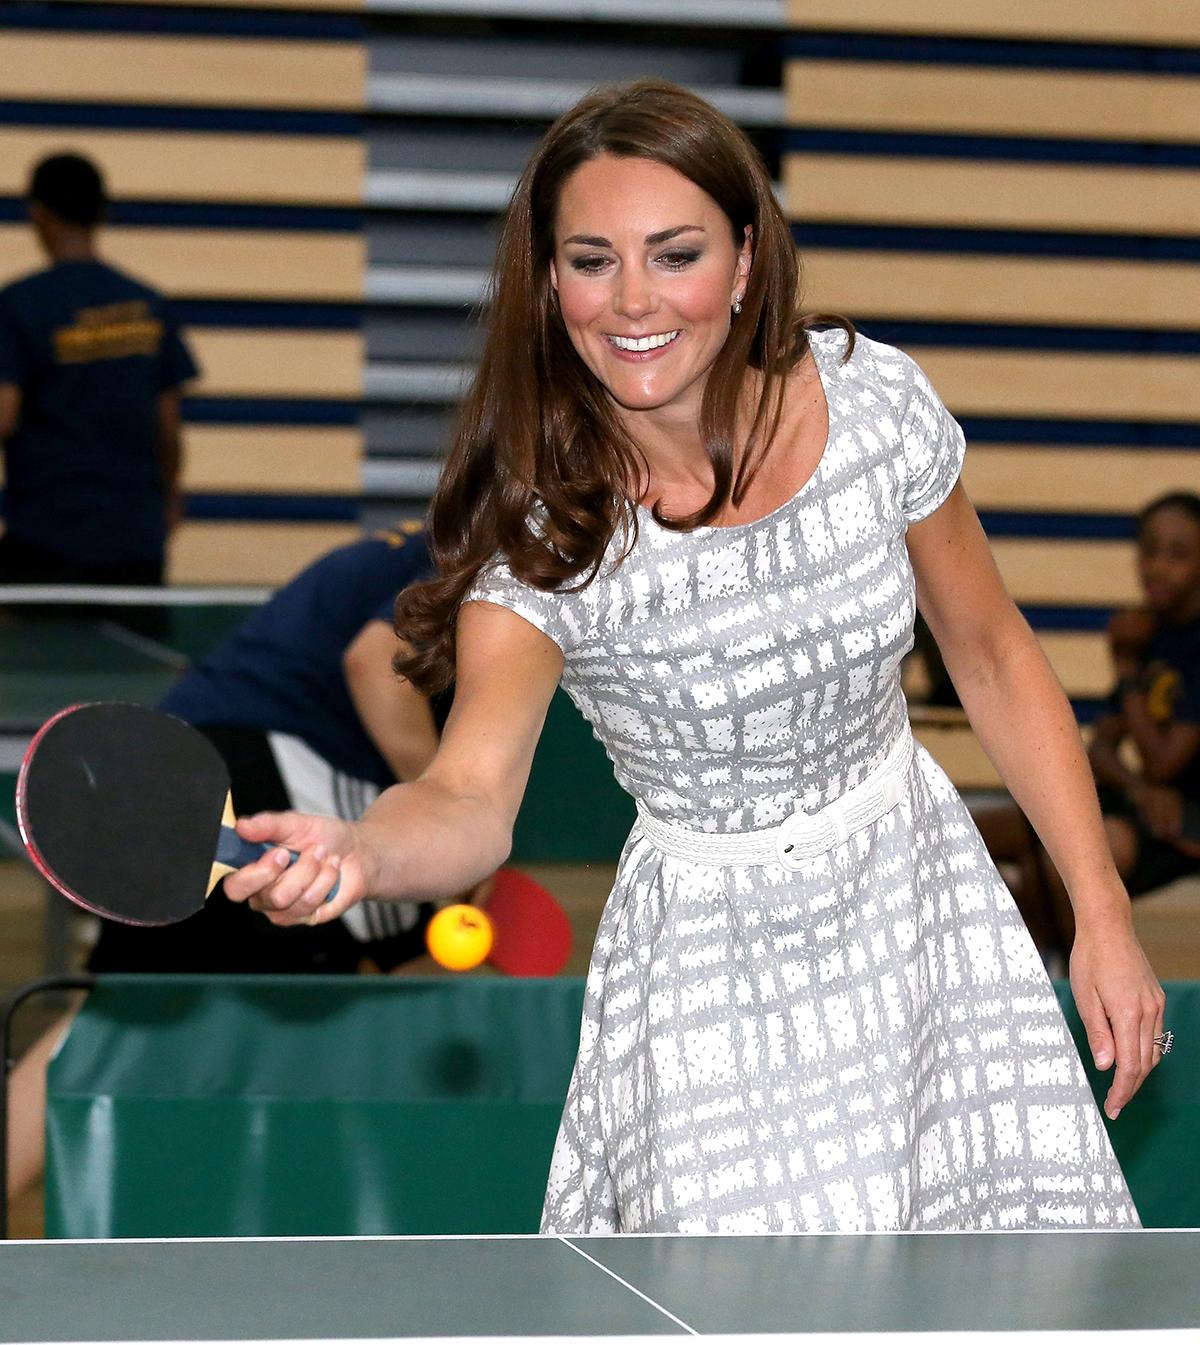 Księżna Kate gra w tenisa stołowego